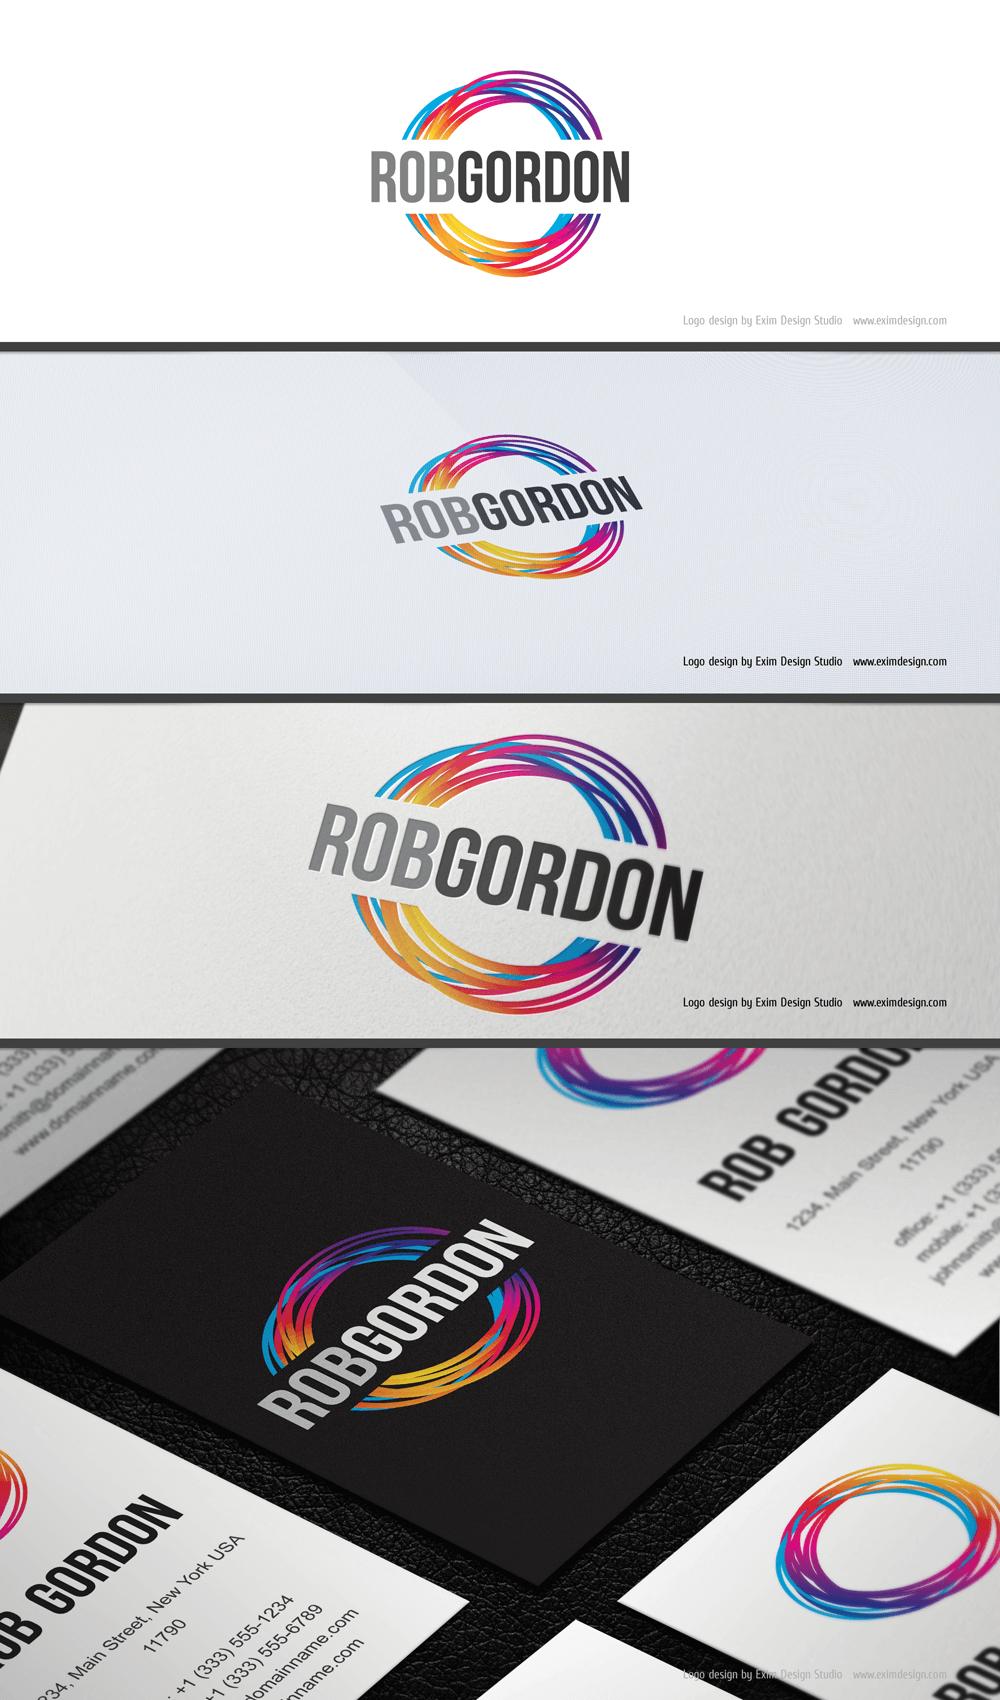 eximdesign_robgordon_1.png